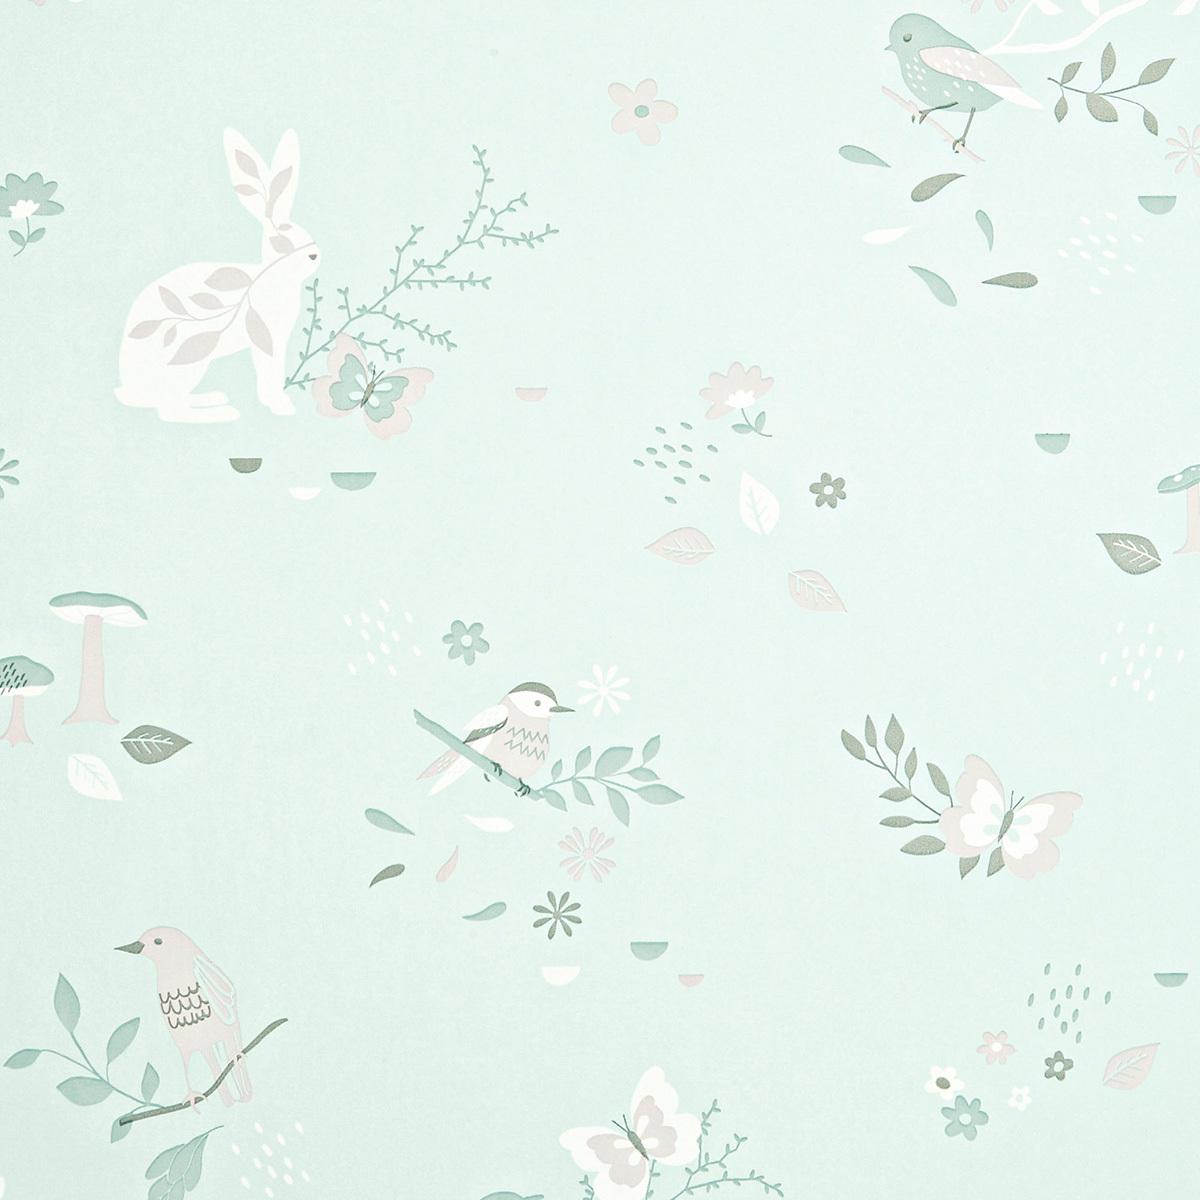 Papier peint Papier Peint Secret Garden - Waterlily Papier Peint Secret Garden - Waterlily